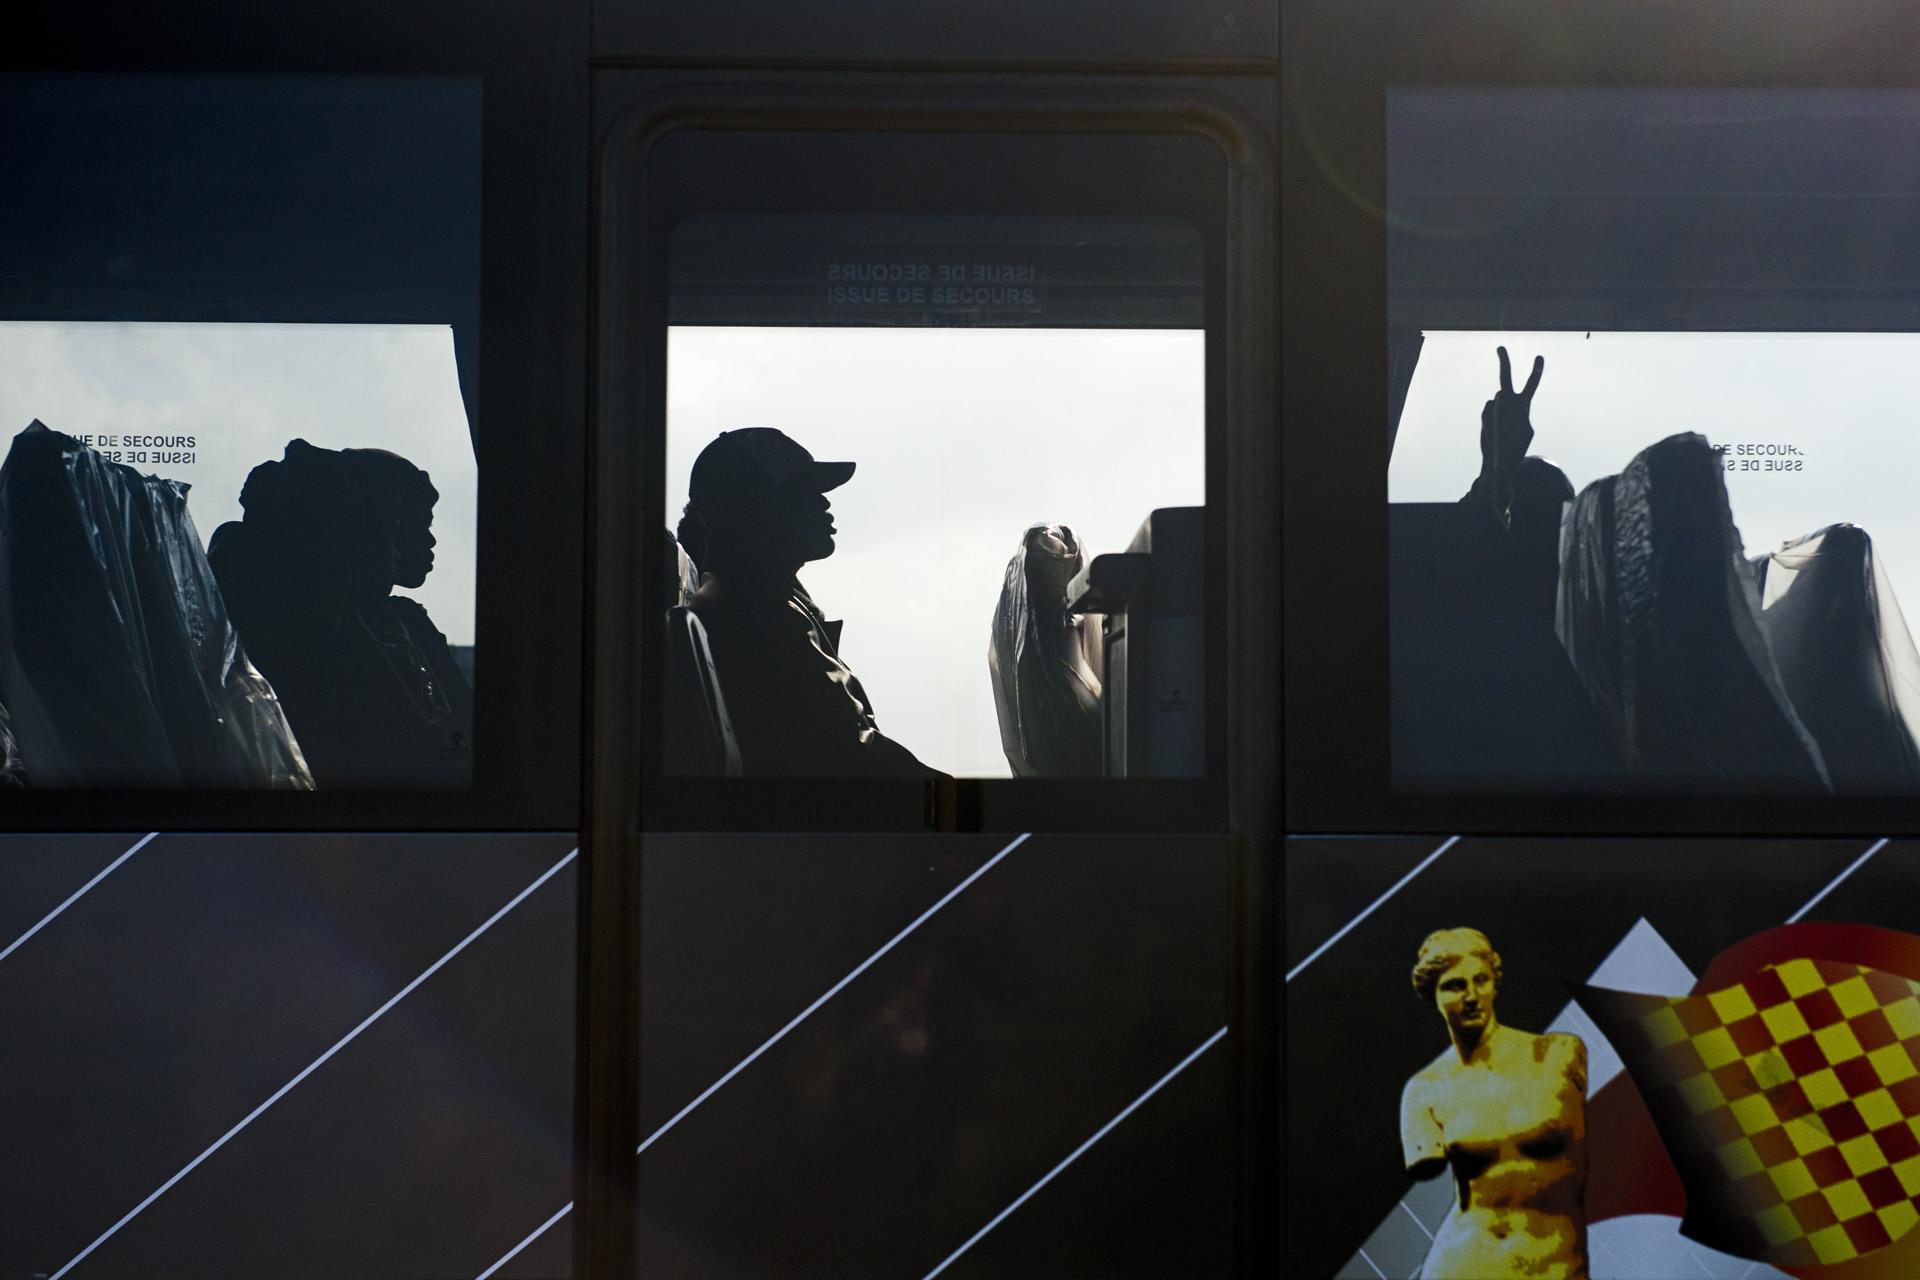 Calais, entre le 23 et le 27 octobre 2016. Au moment du départ, dans l'un des 60 bus réquisitionnés pour l'occasion, c'est le soulagement pour certains qui, comme Ajmal, un Afghan de 26 ans, reconnaissent « ne plus en pouvoir de la vie trop dure de la jungle », même s'il n'a aucune idée de ce à quoi peut ressembler la vie dans cette région d'Aquitaine où il doit partir. Mais au moins, lui, il sait qu'il ne part pas pour Paris, alors que « c'est ce que l'on a fait croire aux plus hésitants pour les pousser dans les derniers  bus », dénonce l'association Utopia 56 qui a reçu plusieurs témoignages en ce sens. « Des mineurs isolés, qui avaient été préalablement identifiés et qui devaient faire l'objet d'une réunification familiale en Grande-Bretagne, se sont aussi retrouvés dans les bus », dénonce de son côté Solenne Lecomte, la coordinatrice de la Cabane juridique. Quatre jours après le début de l'opération, son association avait déjà identifié six mineurs envoyés dans des CAO non habilités à les accueillir.